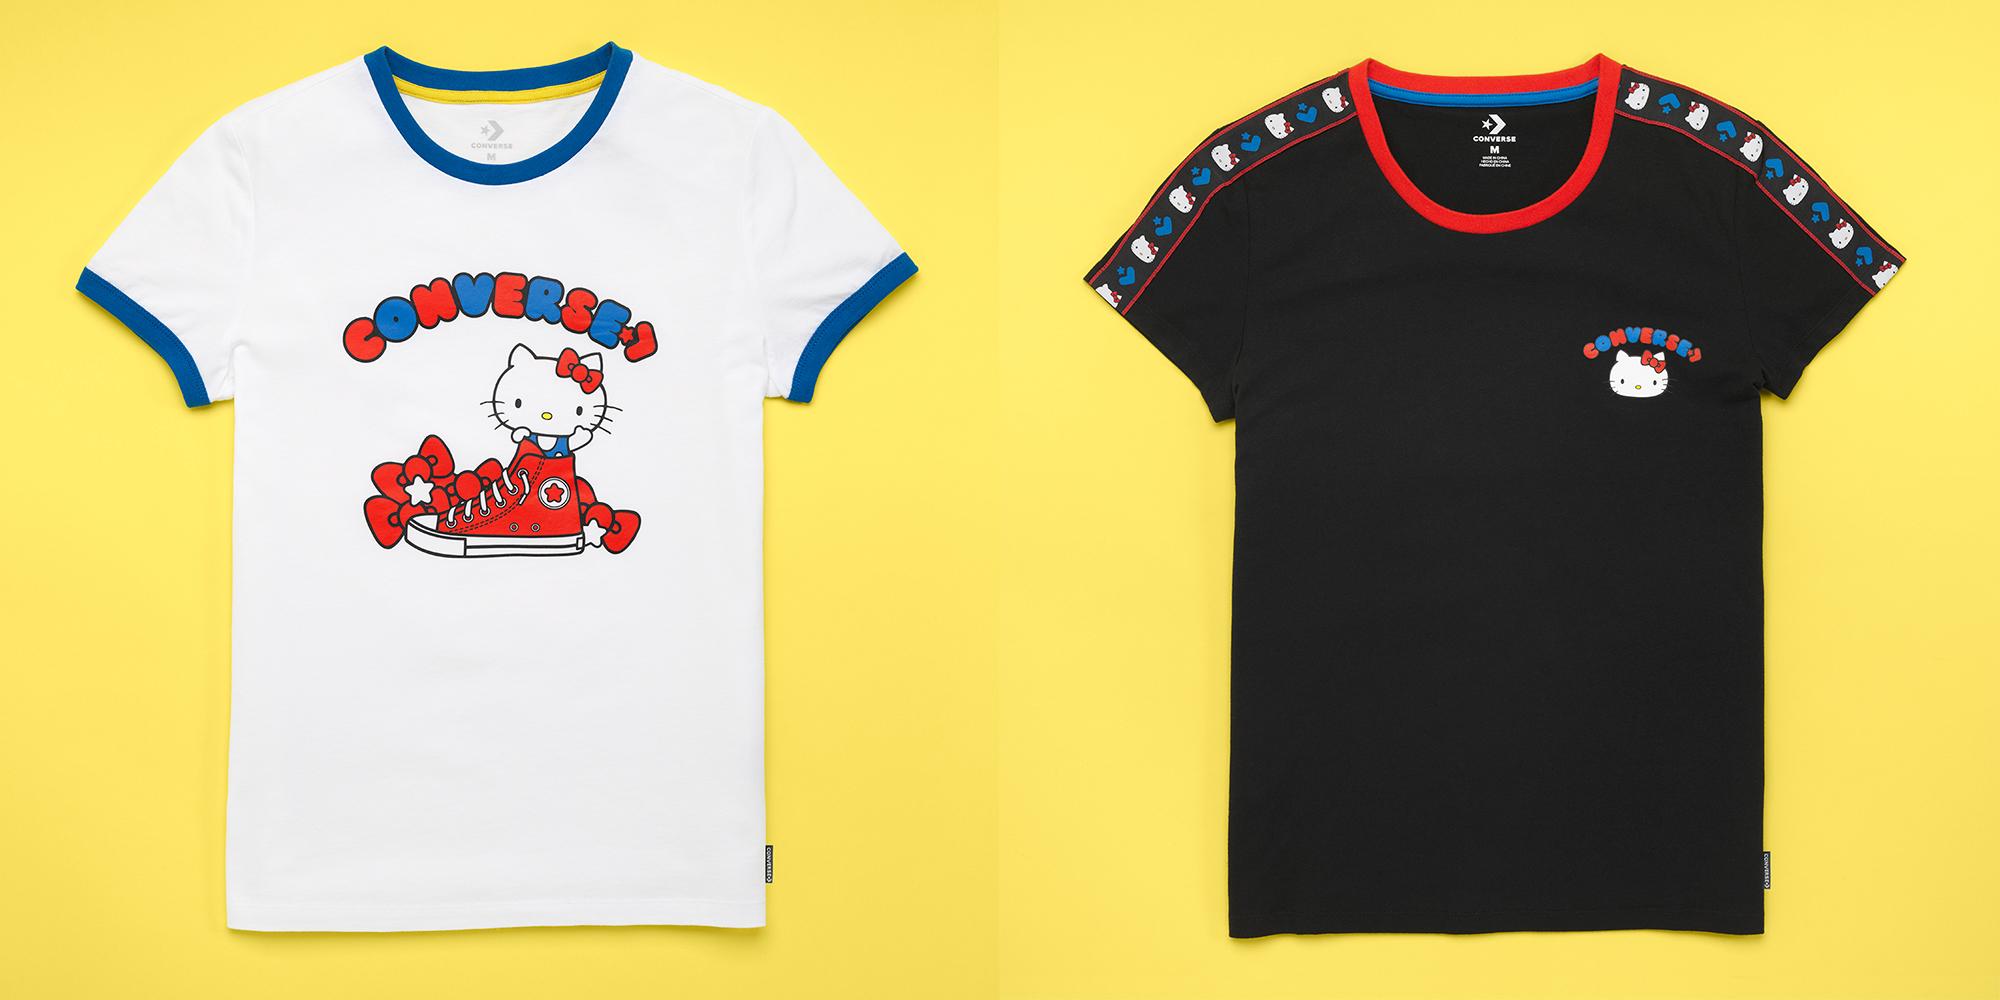 Chiều fan Hello Kitty hết mực, Converse ra mắt lần 2 phiên bản giới hạn với bộ Collab - Converse x Hello Kitty - Ảnh 3.